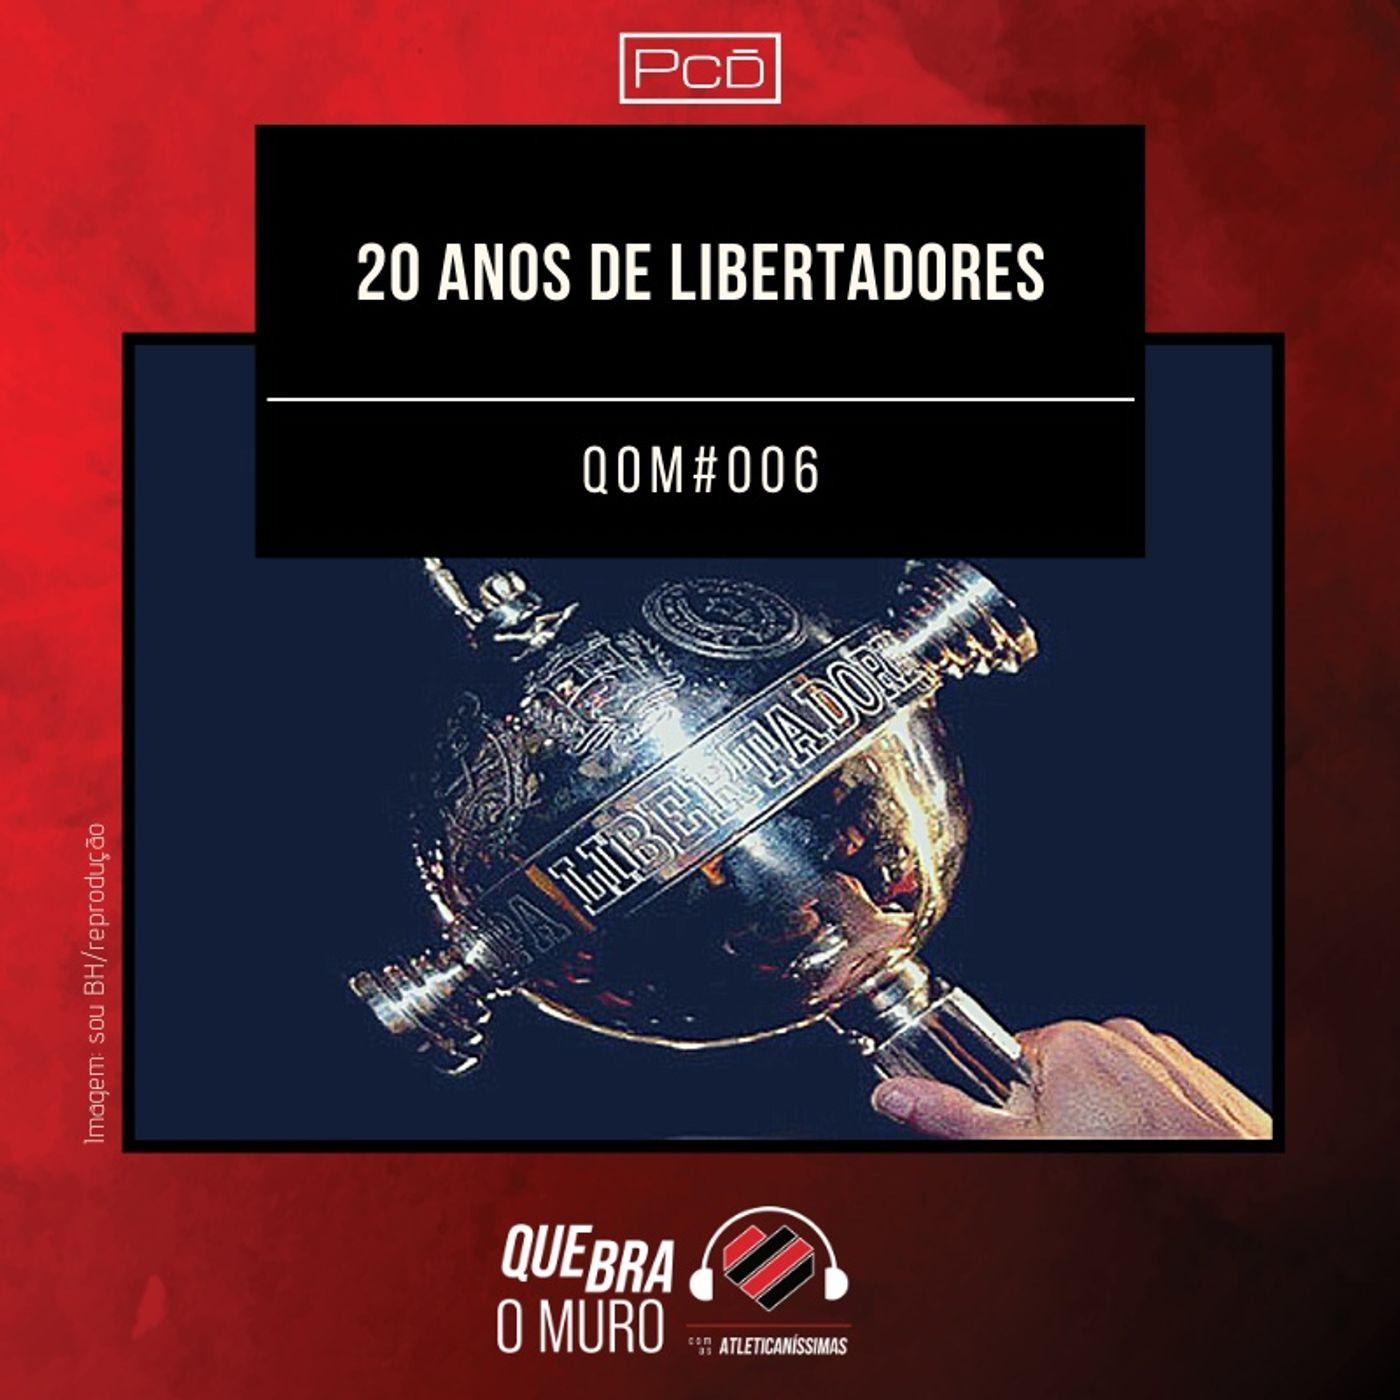 #006 - 20 ANOS DE LIBERTADORES